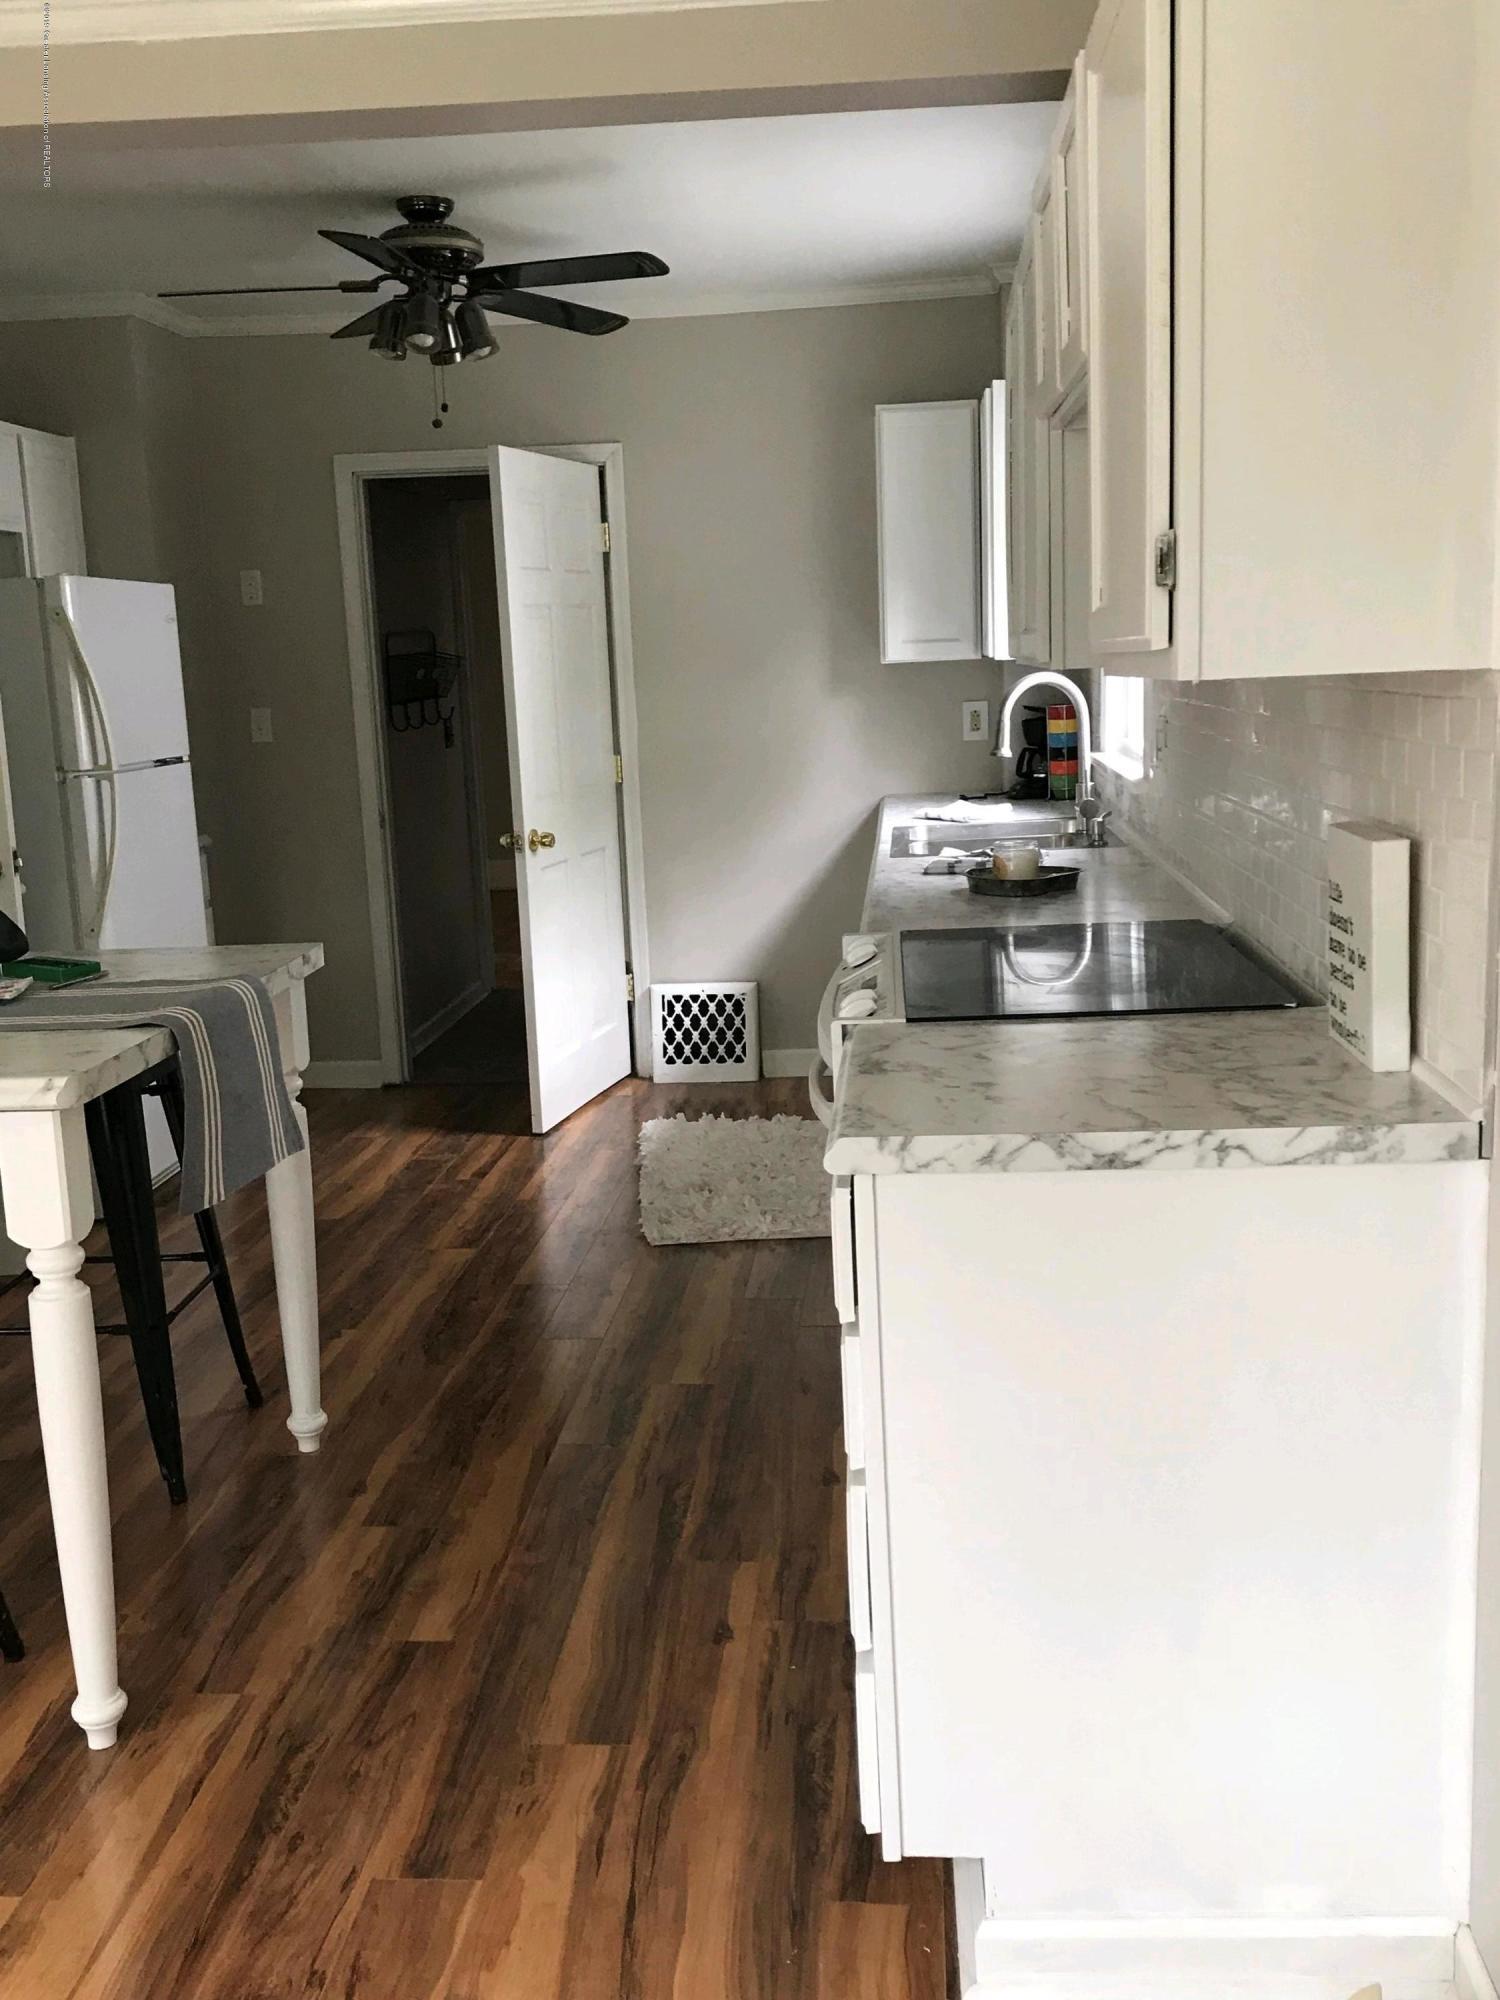 104 W Steel St - kitchen counter - 4